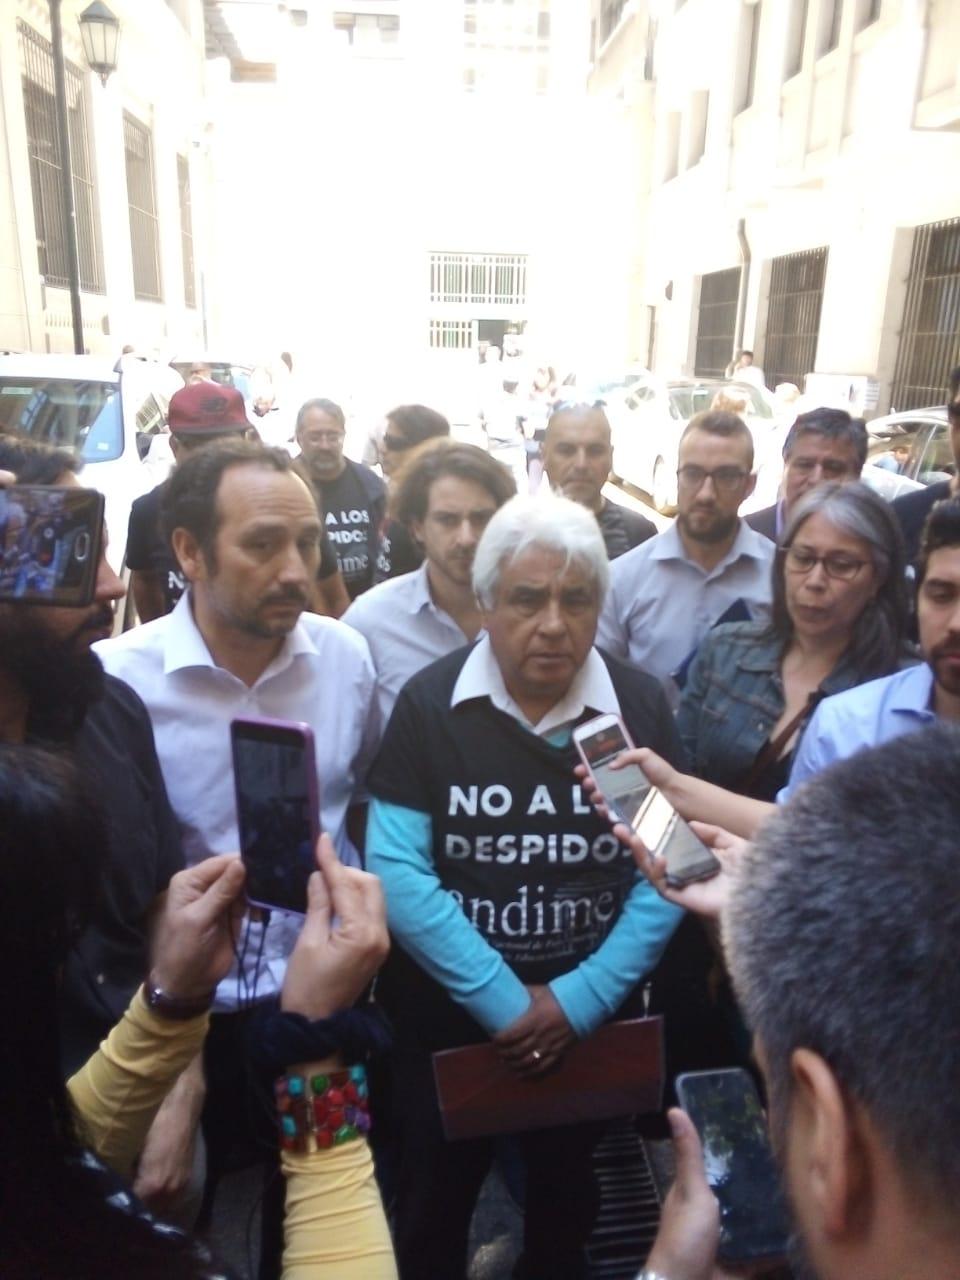 Trabajadores del Ministerio de Educación radicalizan Paro Nacional Indefinido y diputados condicionan aprobación de Reajuste del Sector Público a fin de la ola de despidos